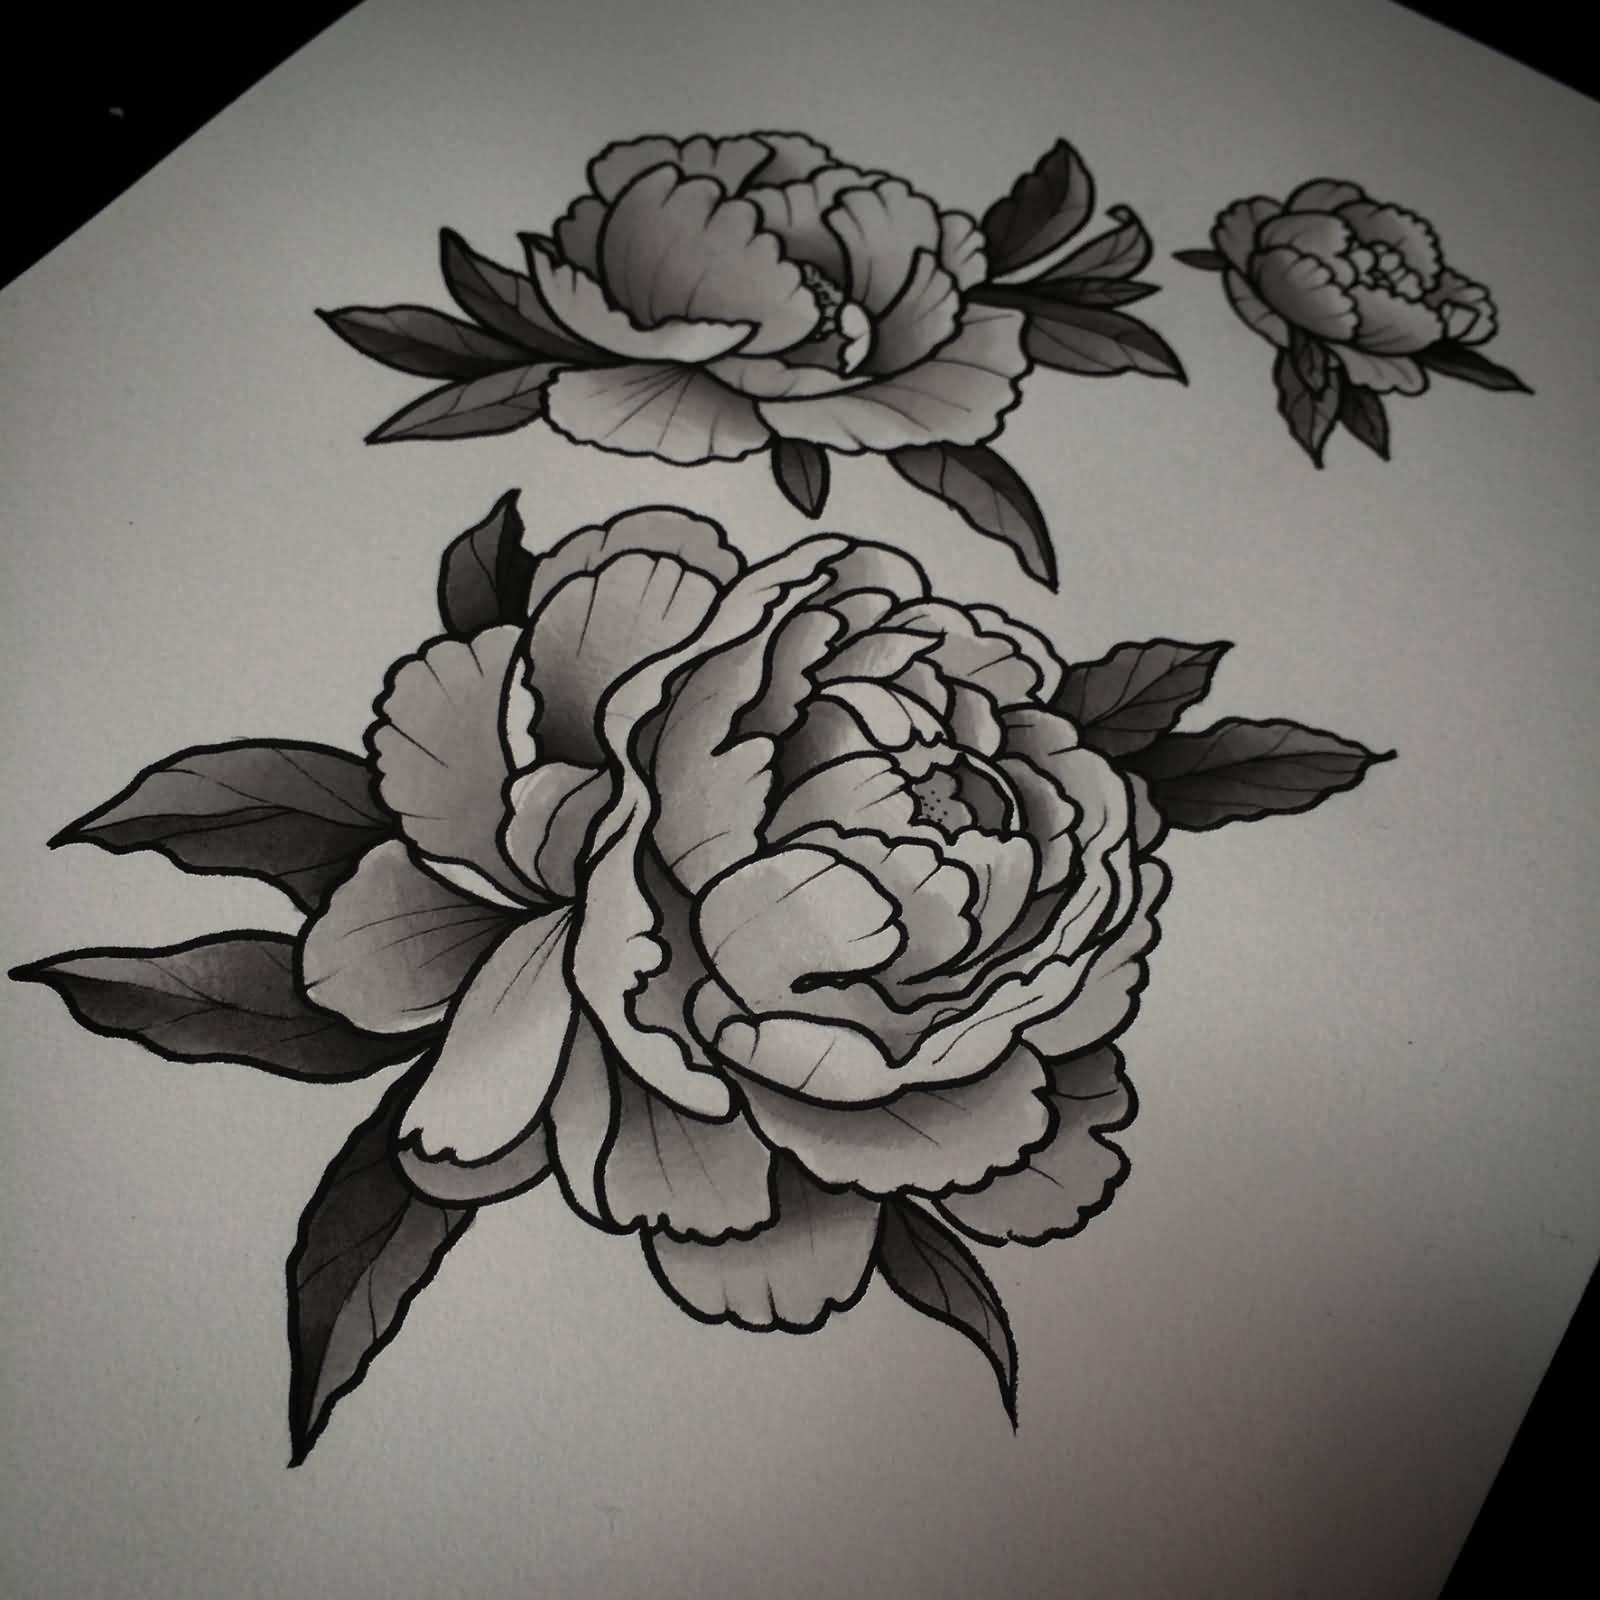 Peony Flower Tattoo Design